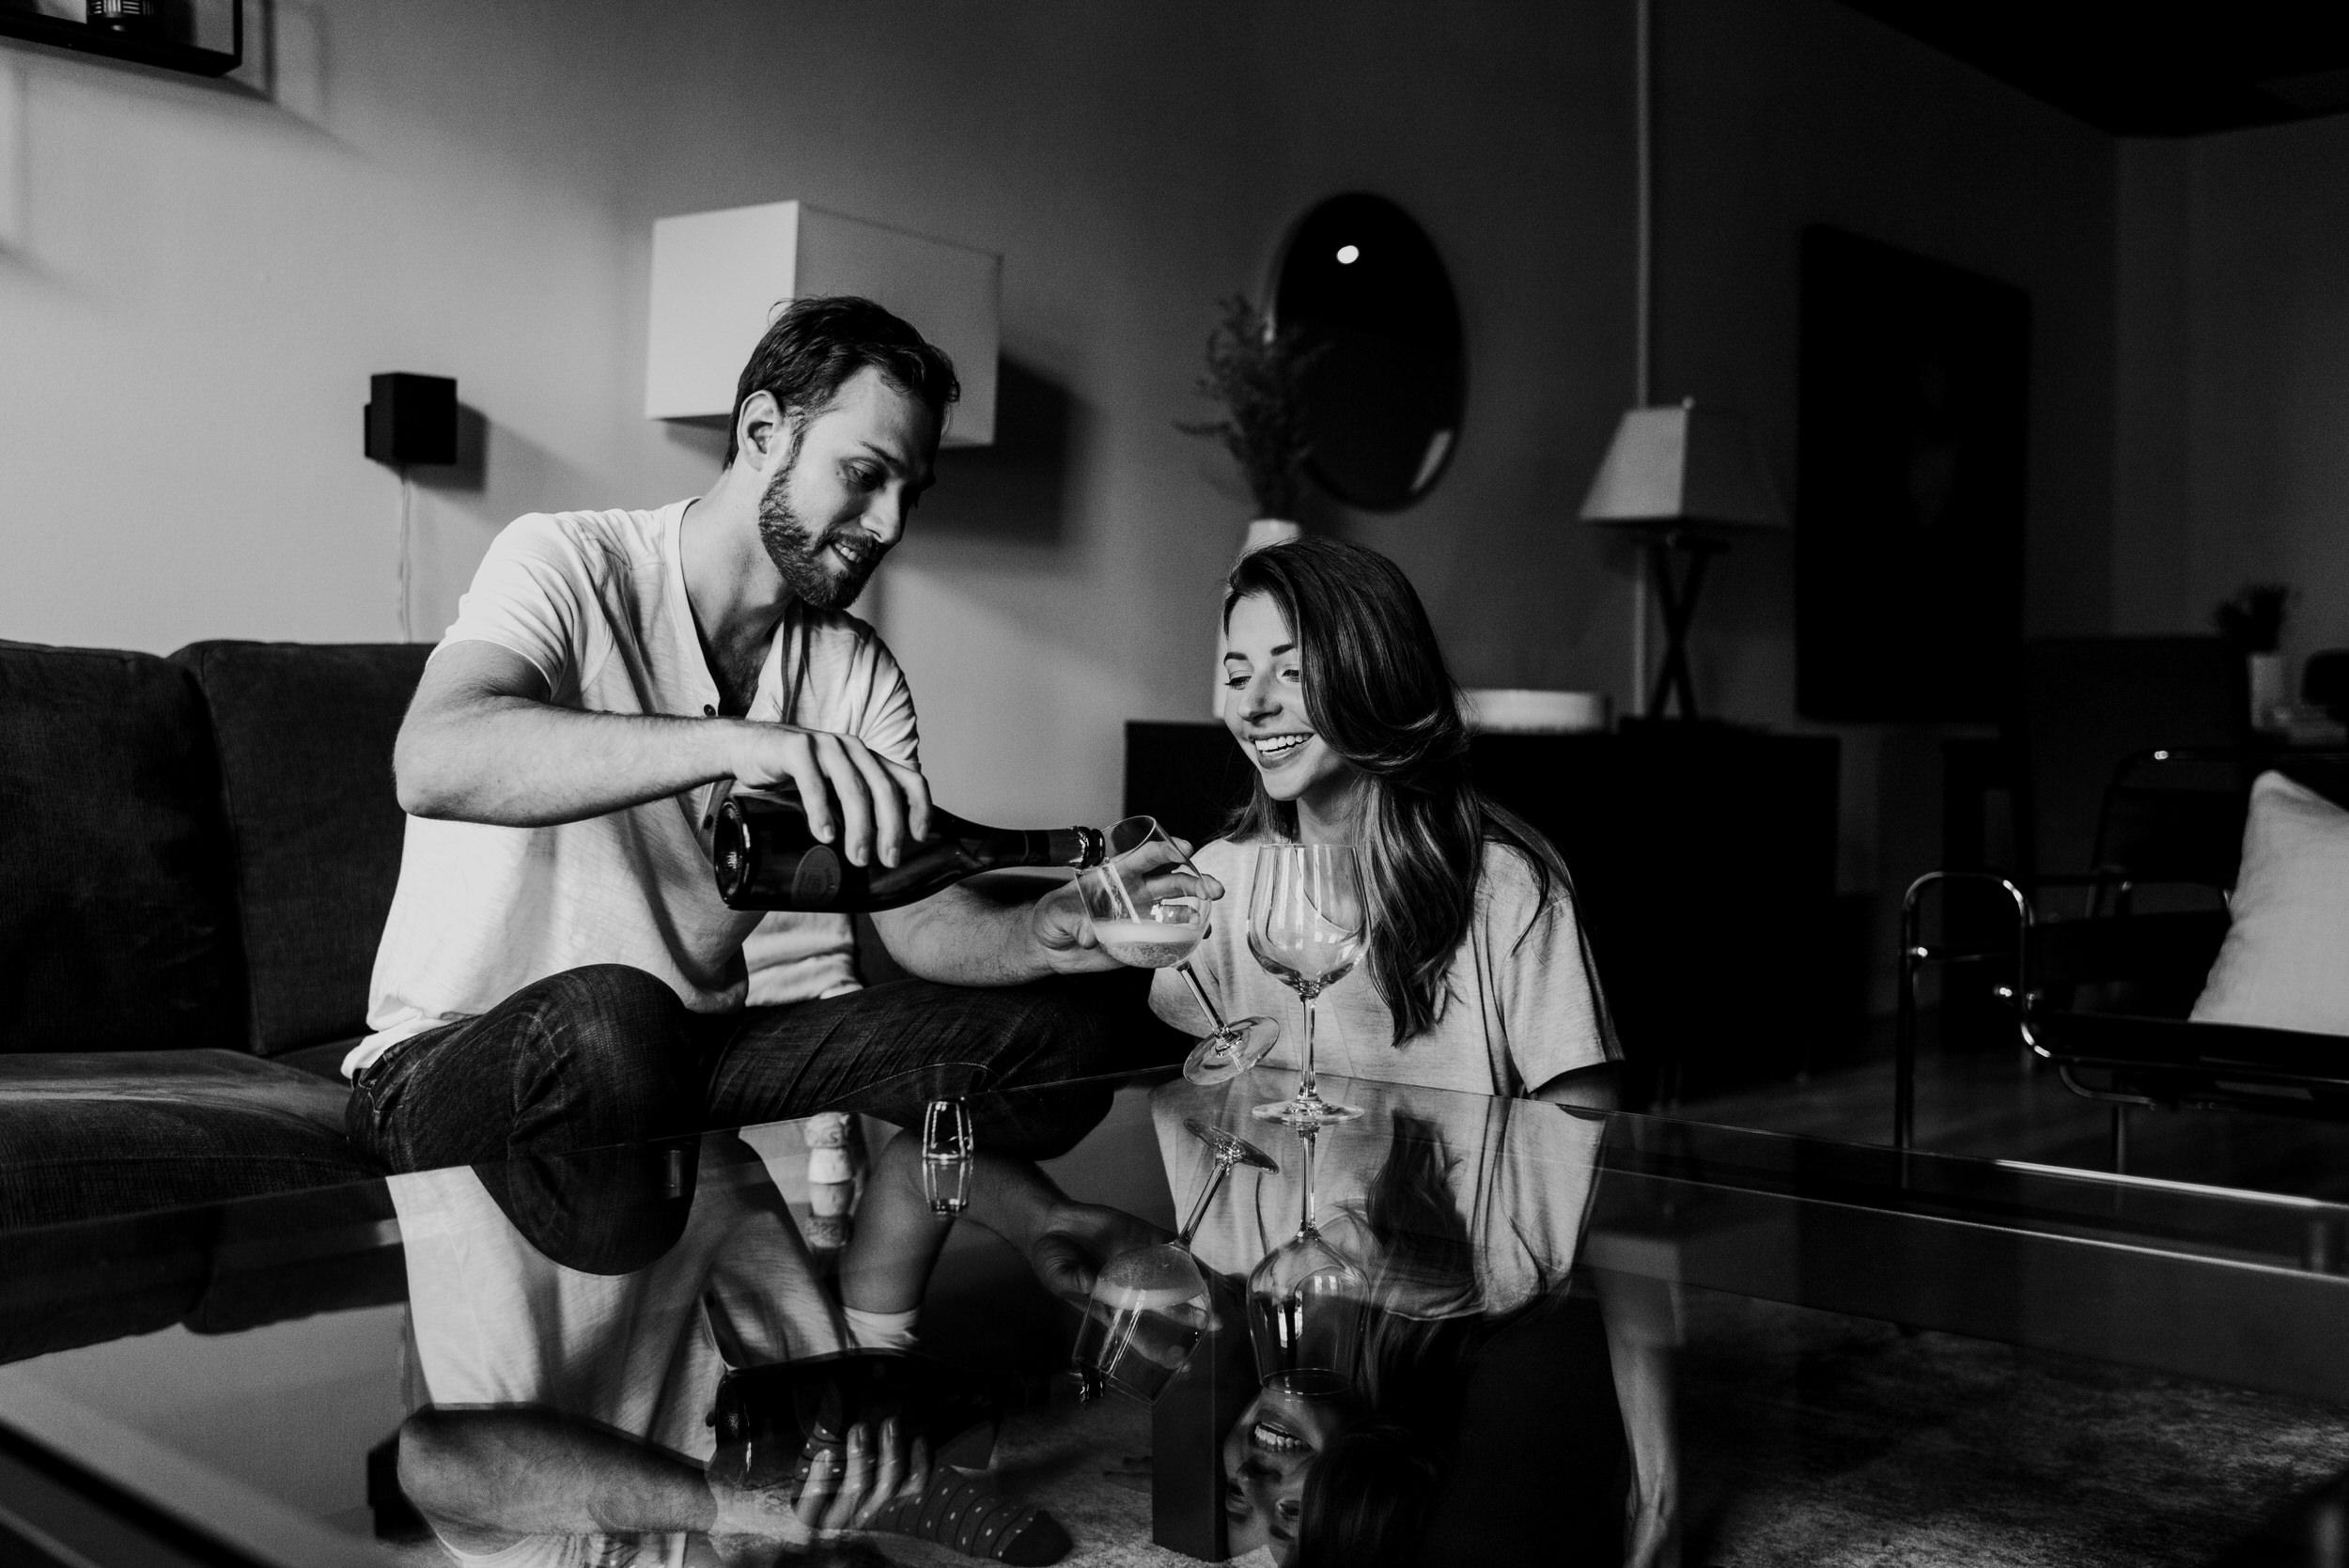 lesley&jon_love-55.JPG